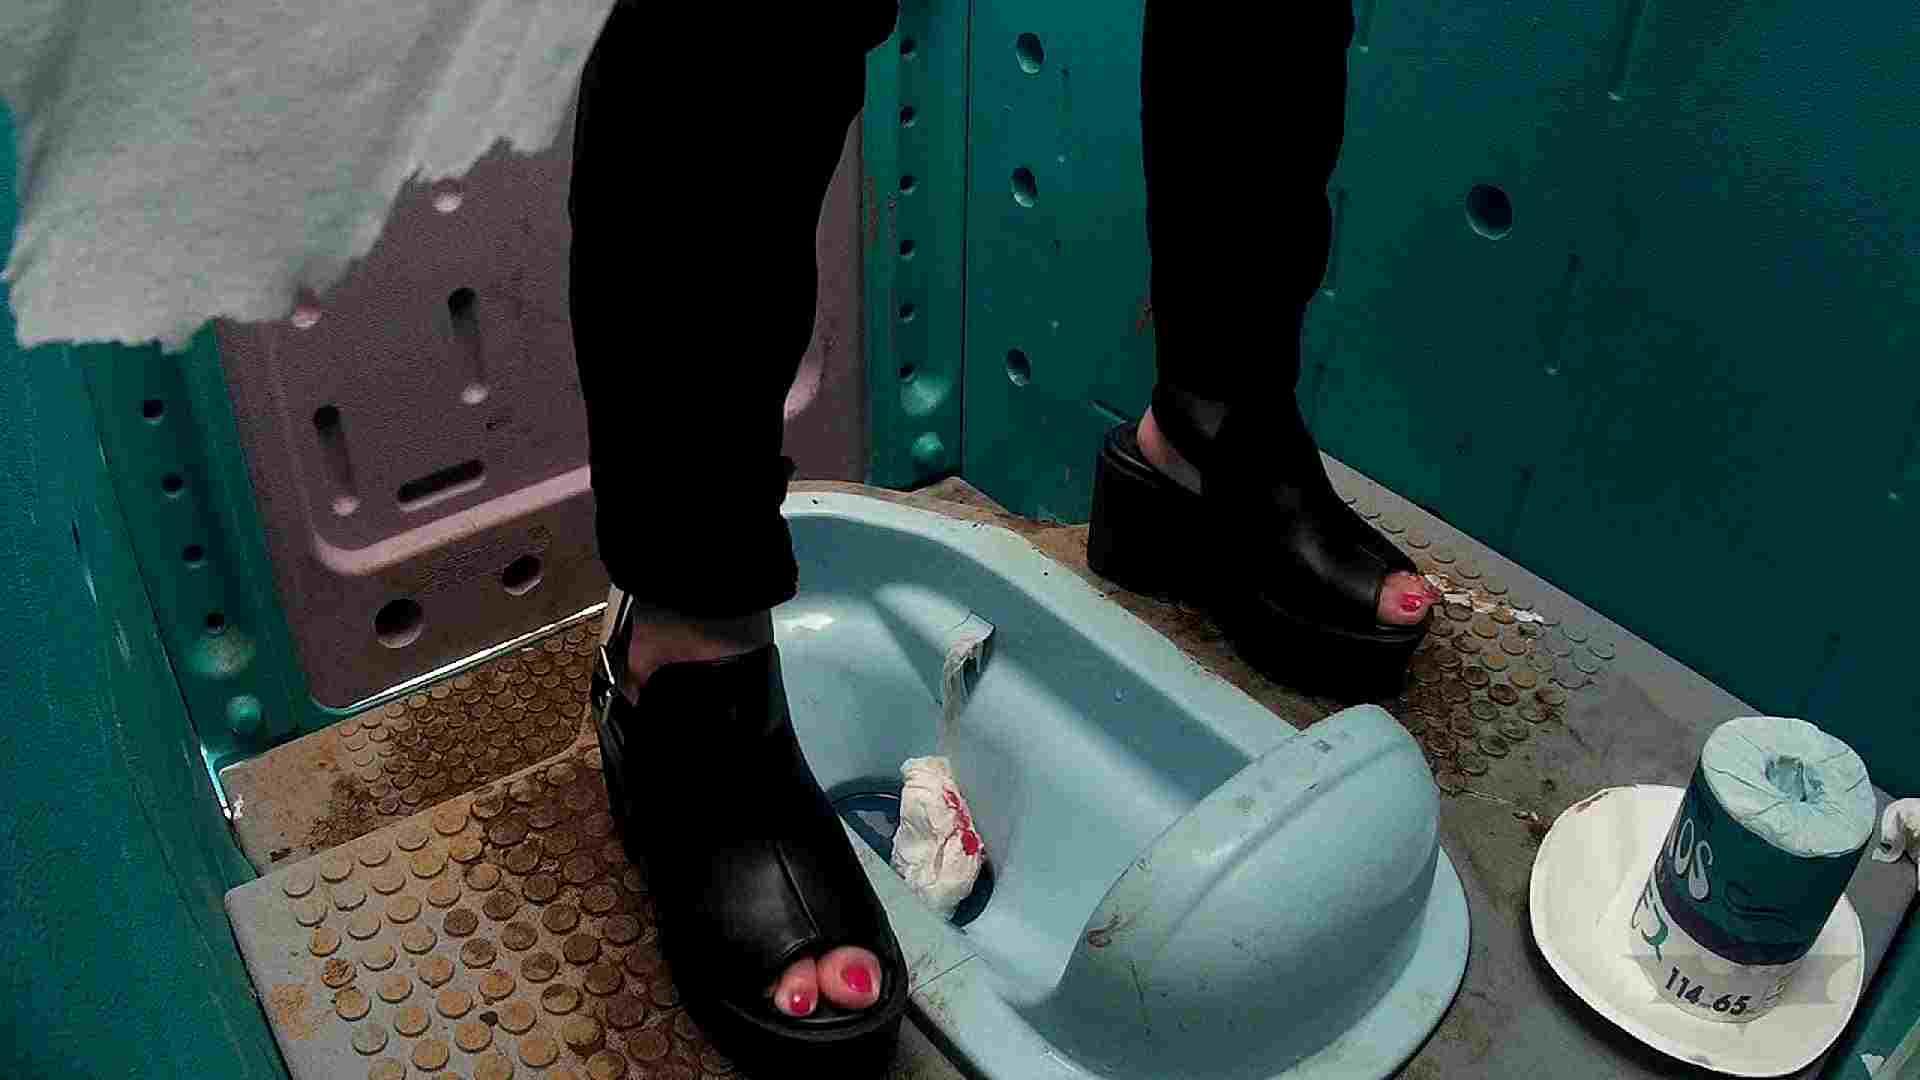 痴態洗面所 Vol.06 中が「マジヤバいヨネ!」洗面所 ギャルズ | 洗面所シーン  46画像 16